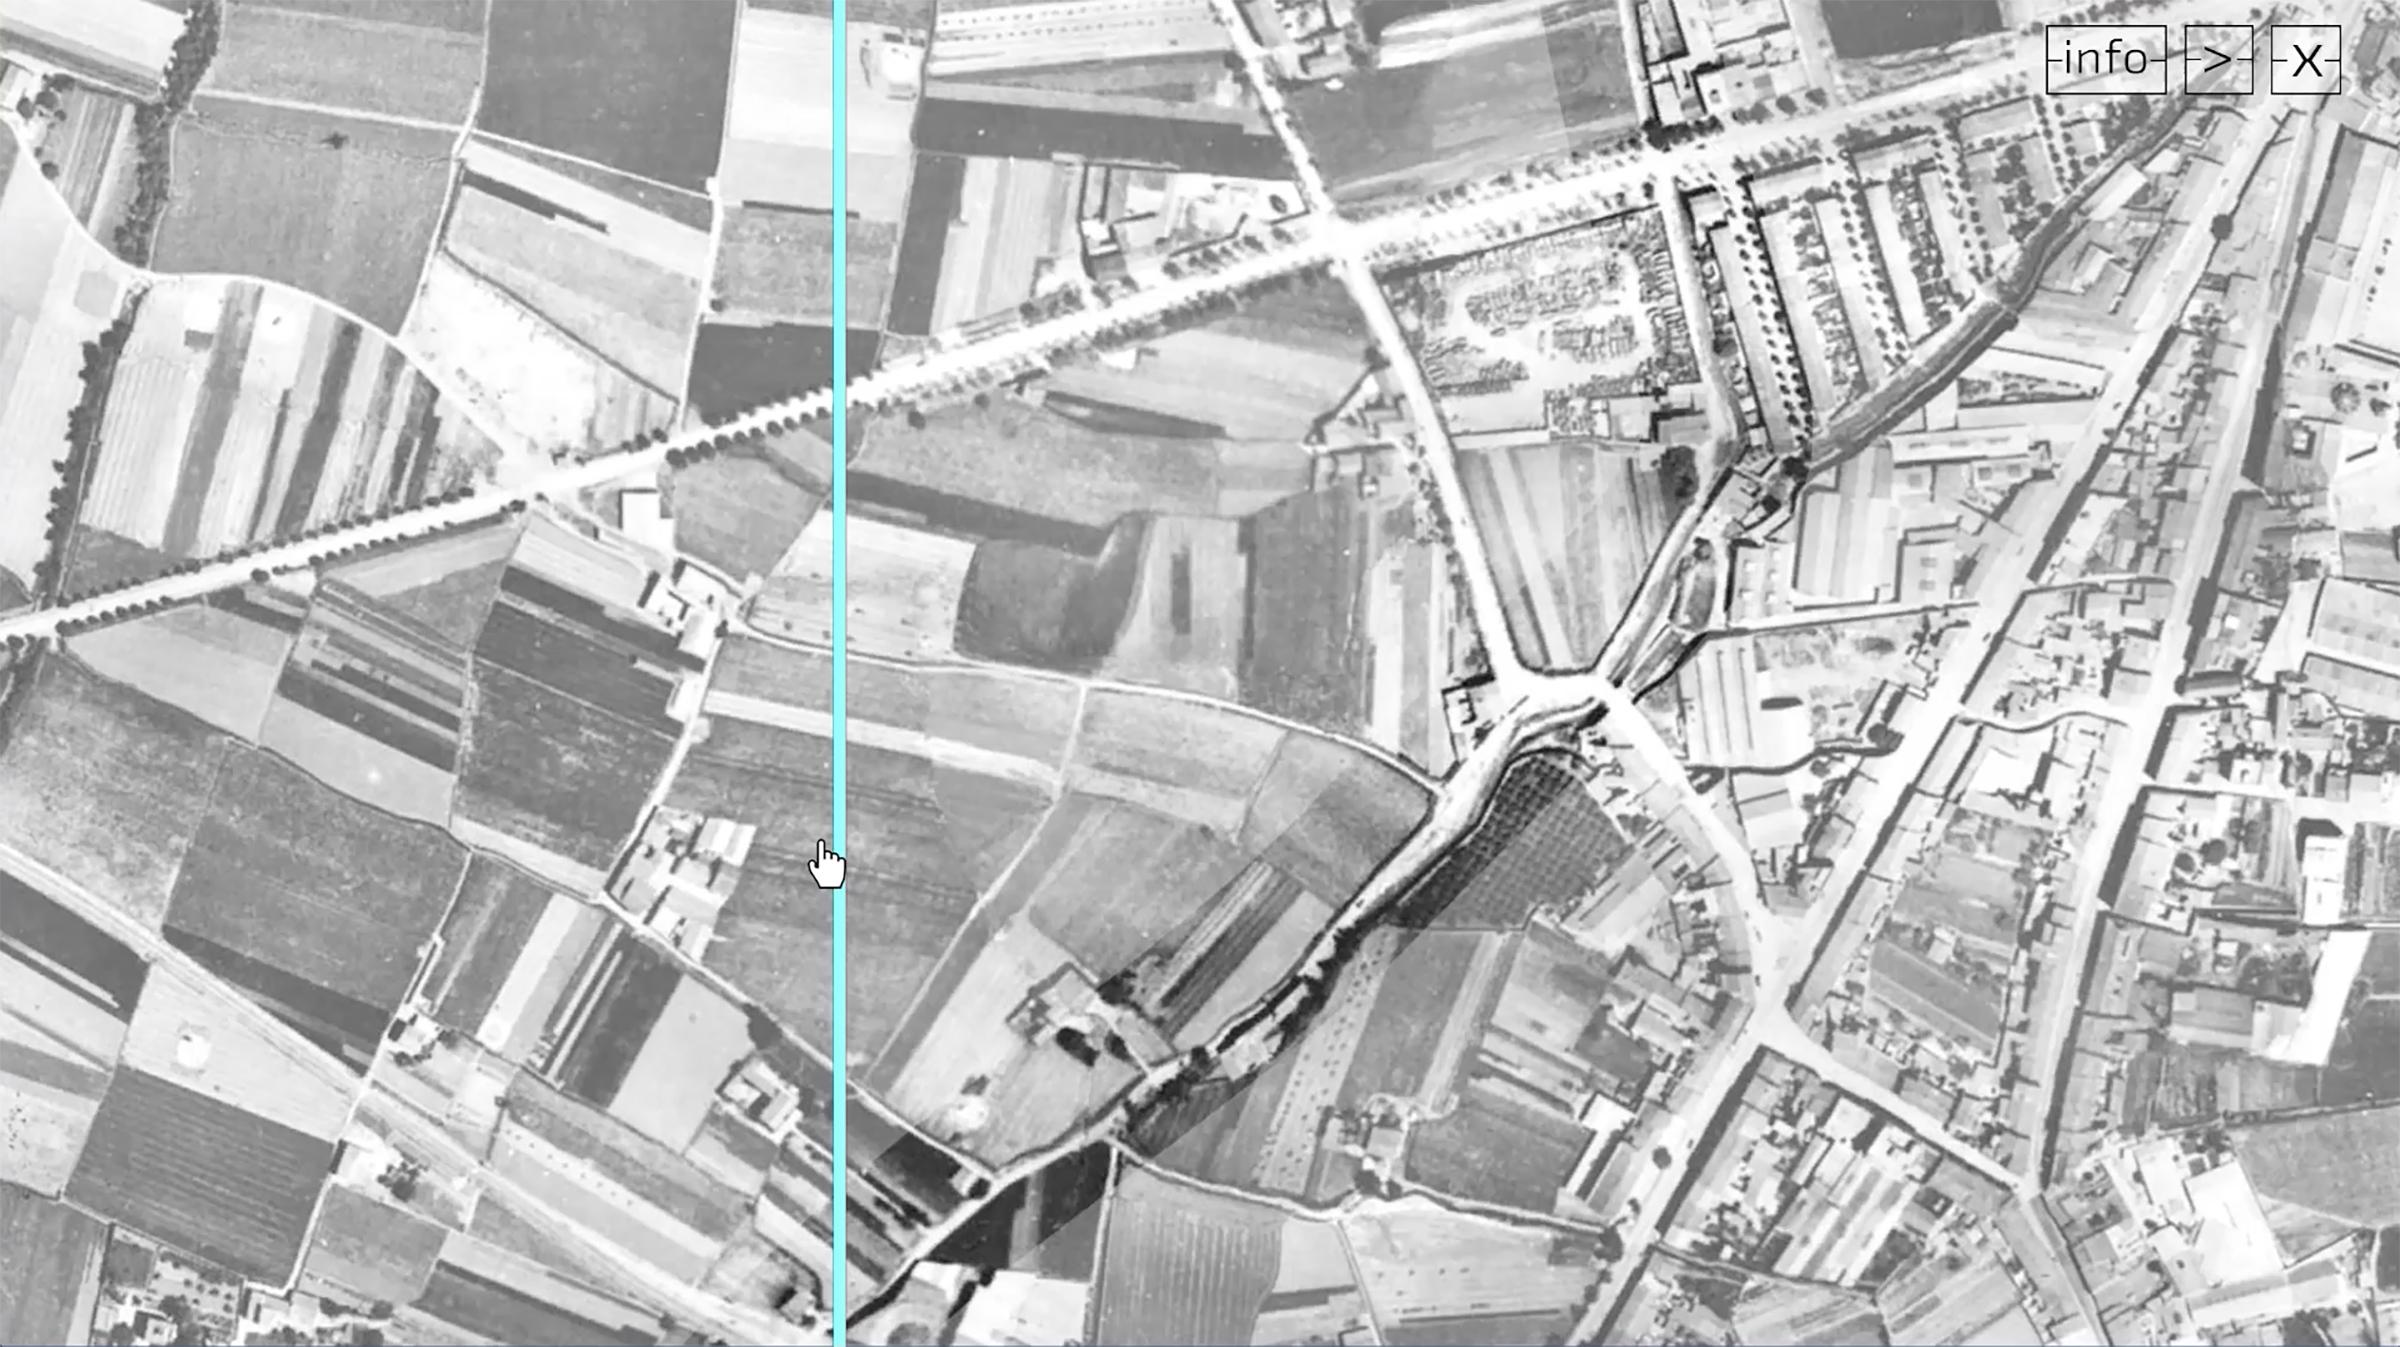 secuencia fotografás 1944 primera versión aplicación interactiva